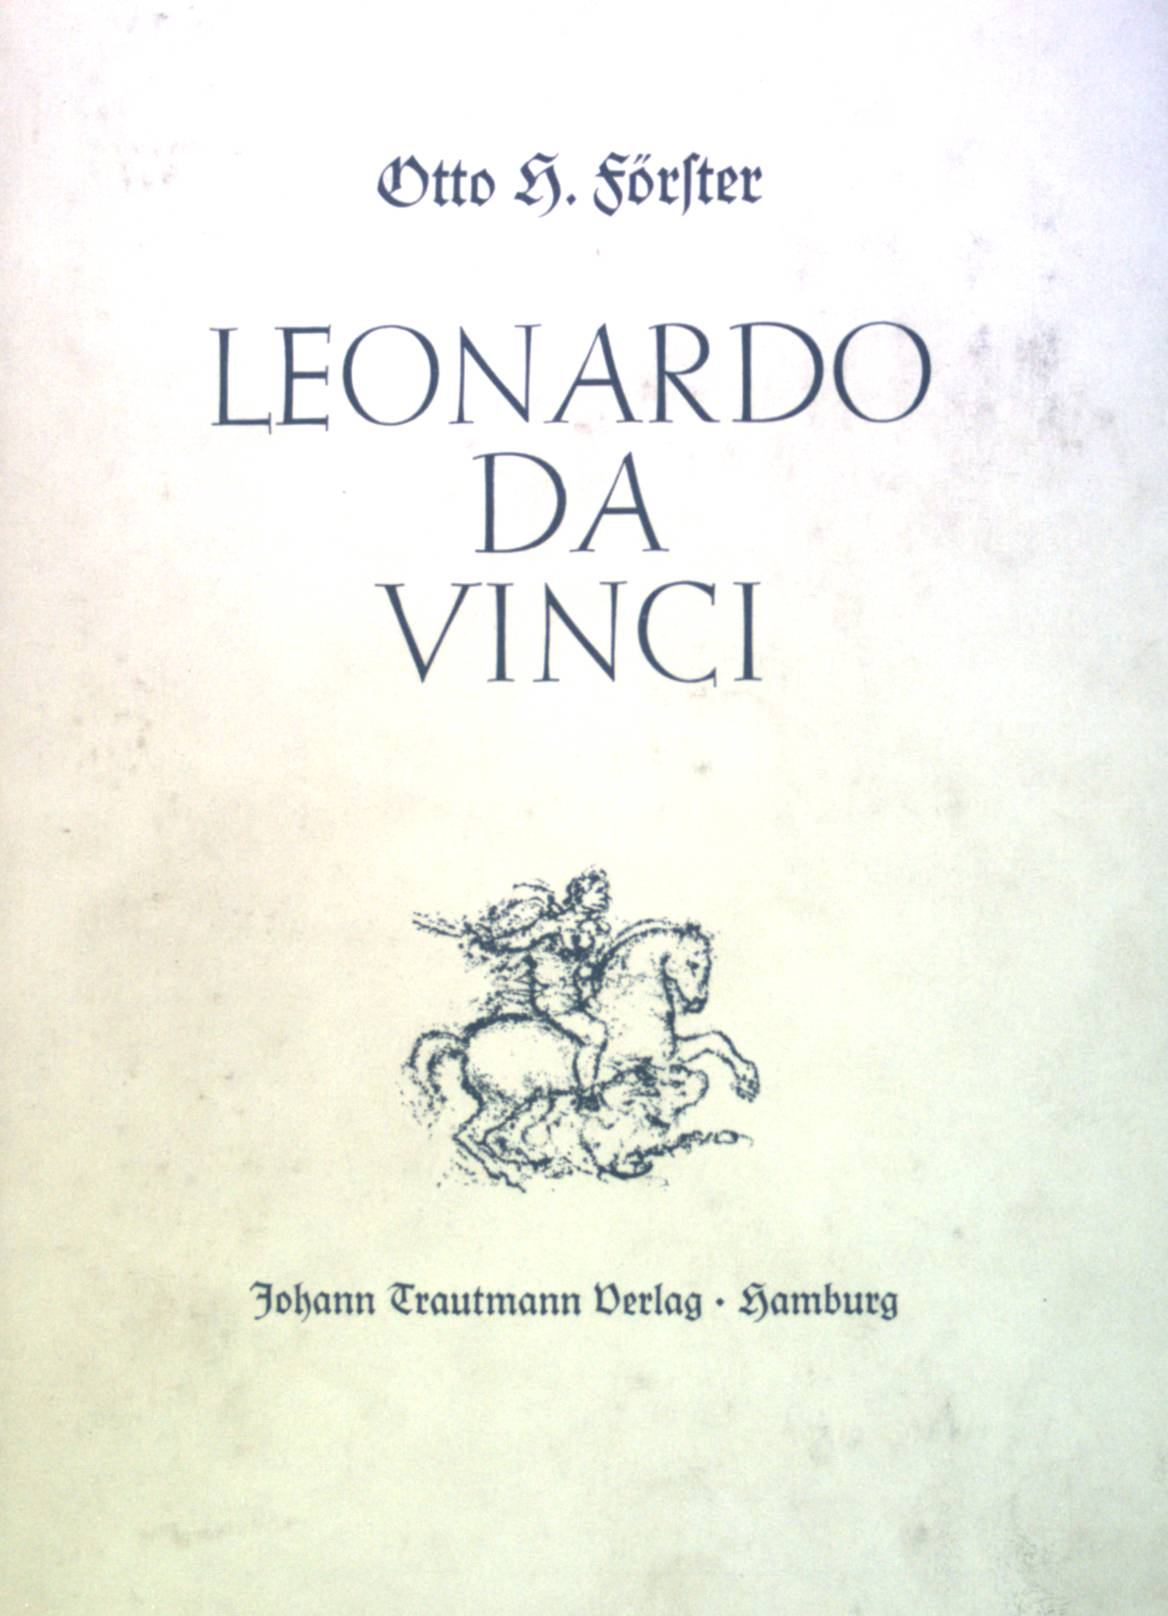 Leonardo da Vinci.: Förster, Otto H.: